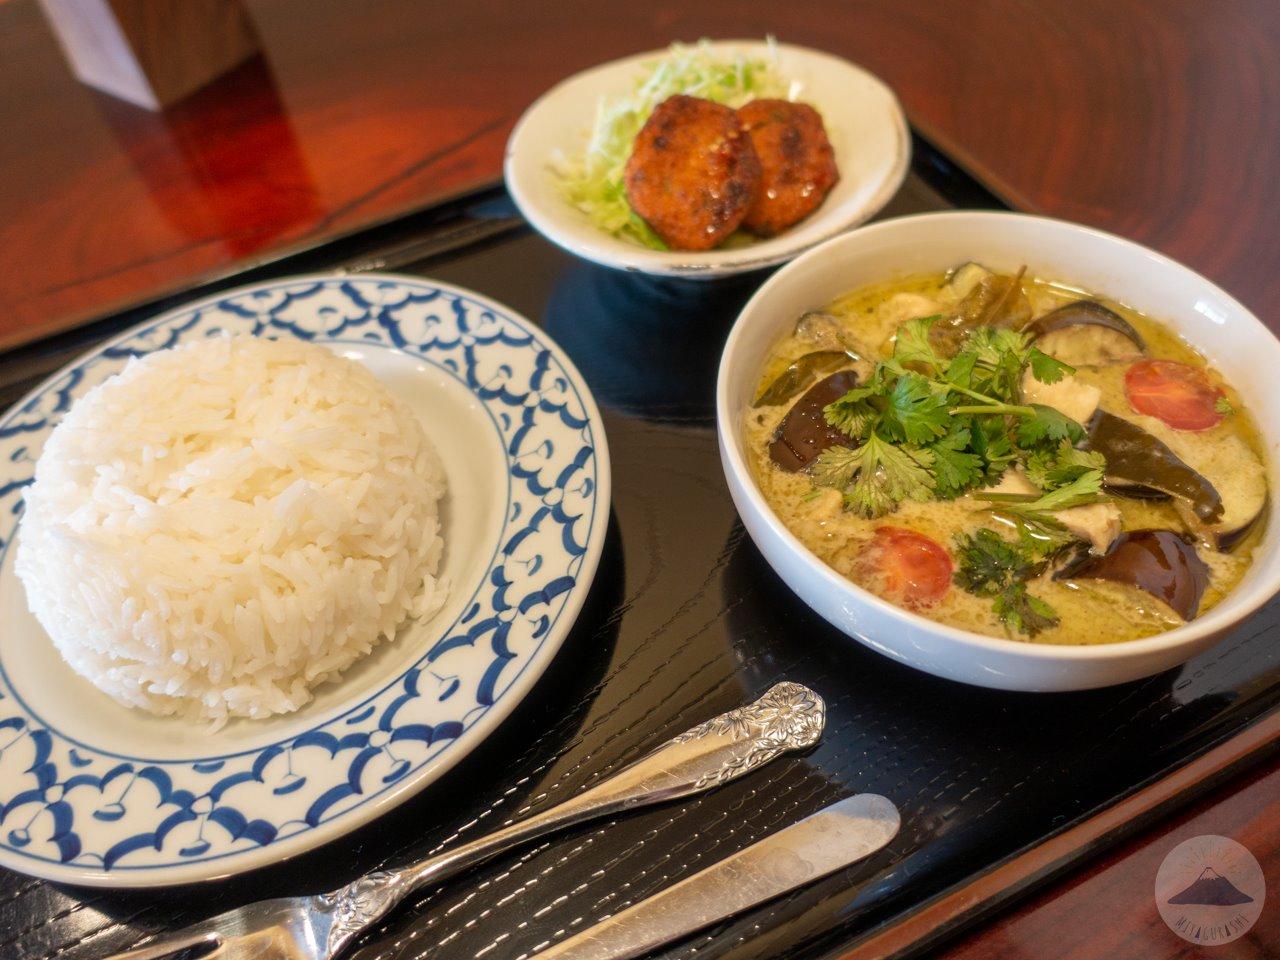 タイ屋台料理ユキズキッチンのグリーンカレーとジャスミンライス